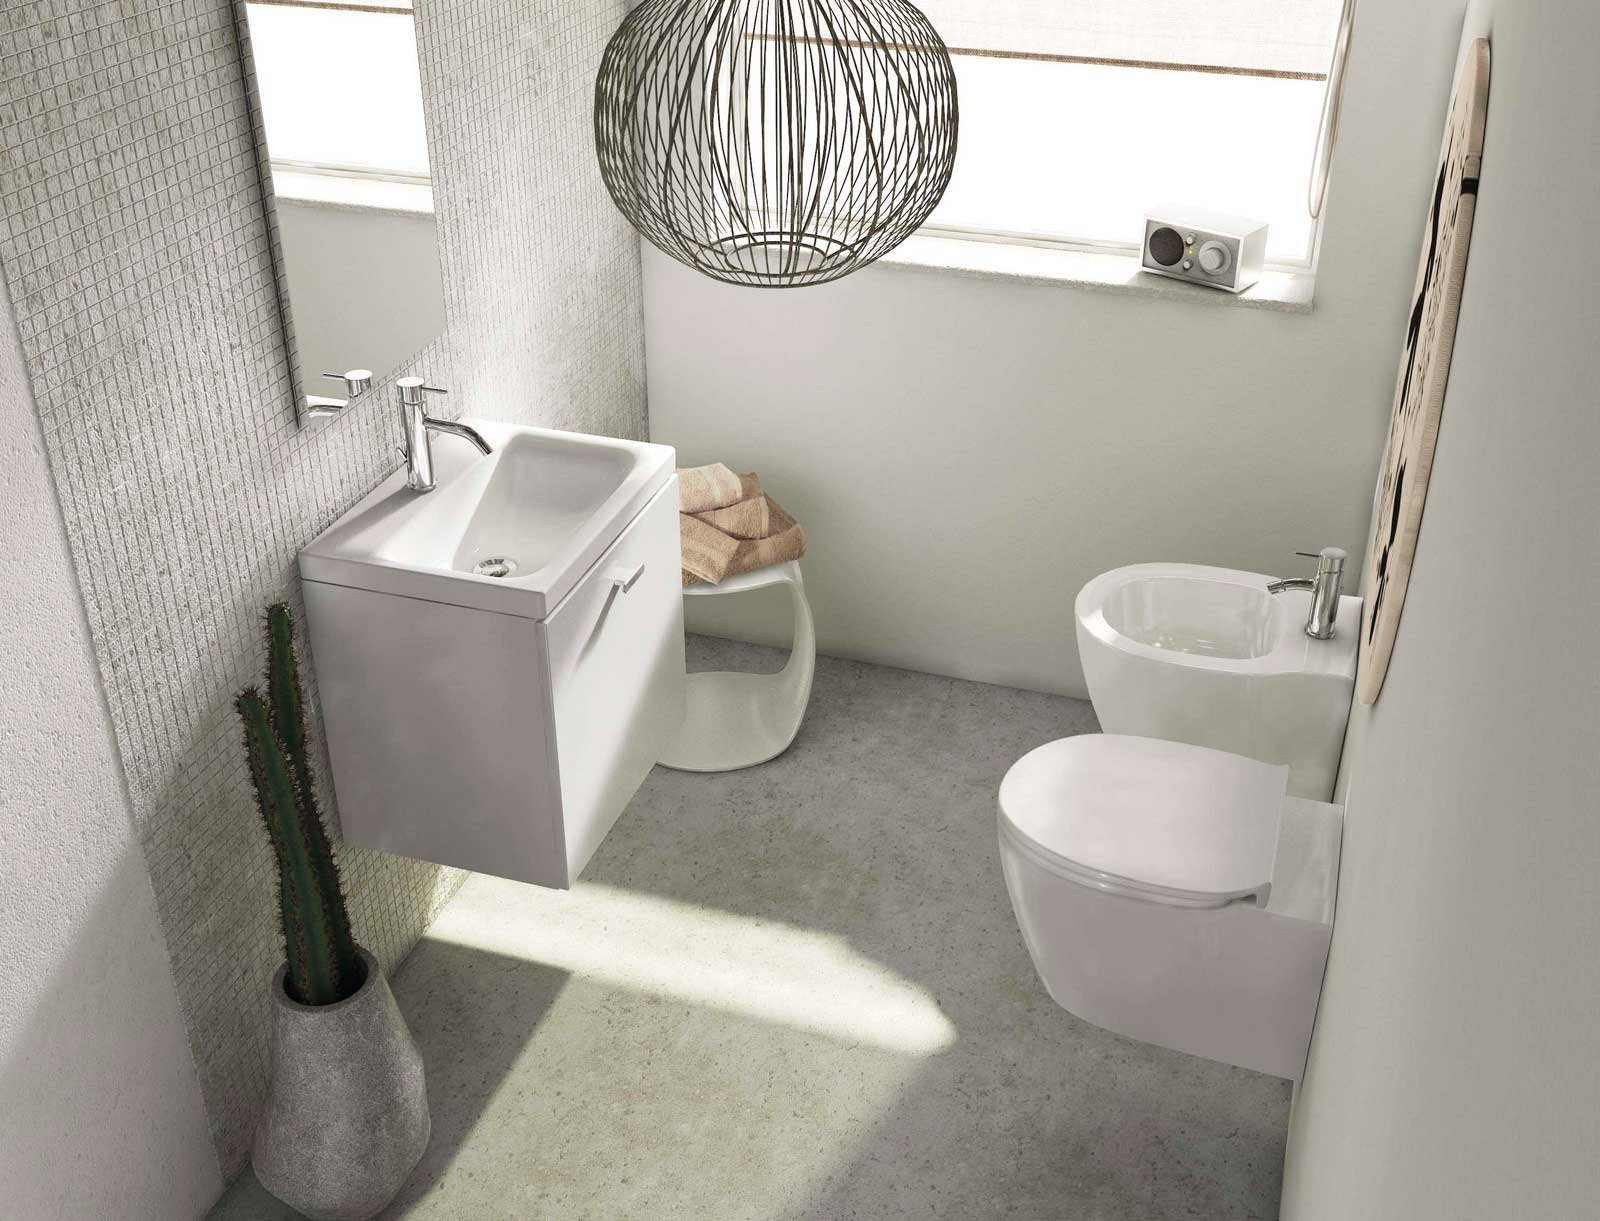 Mobili lavabo piccoli per risparmiare centimetri preziosi for Moderni minuscoli kit di case